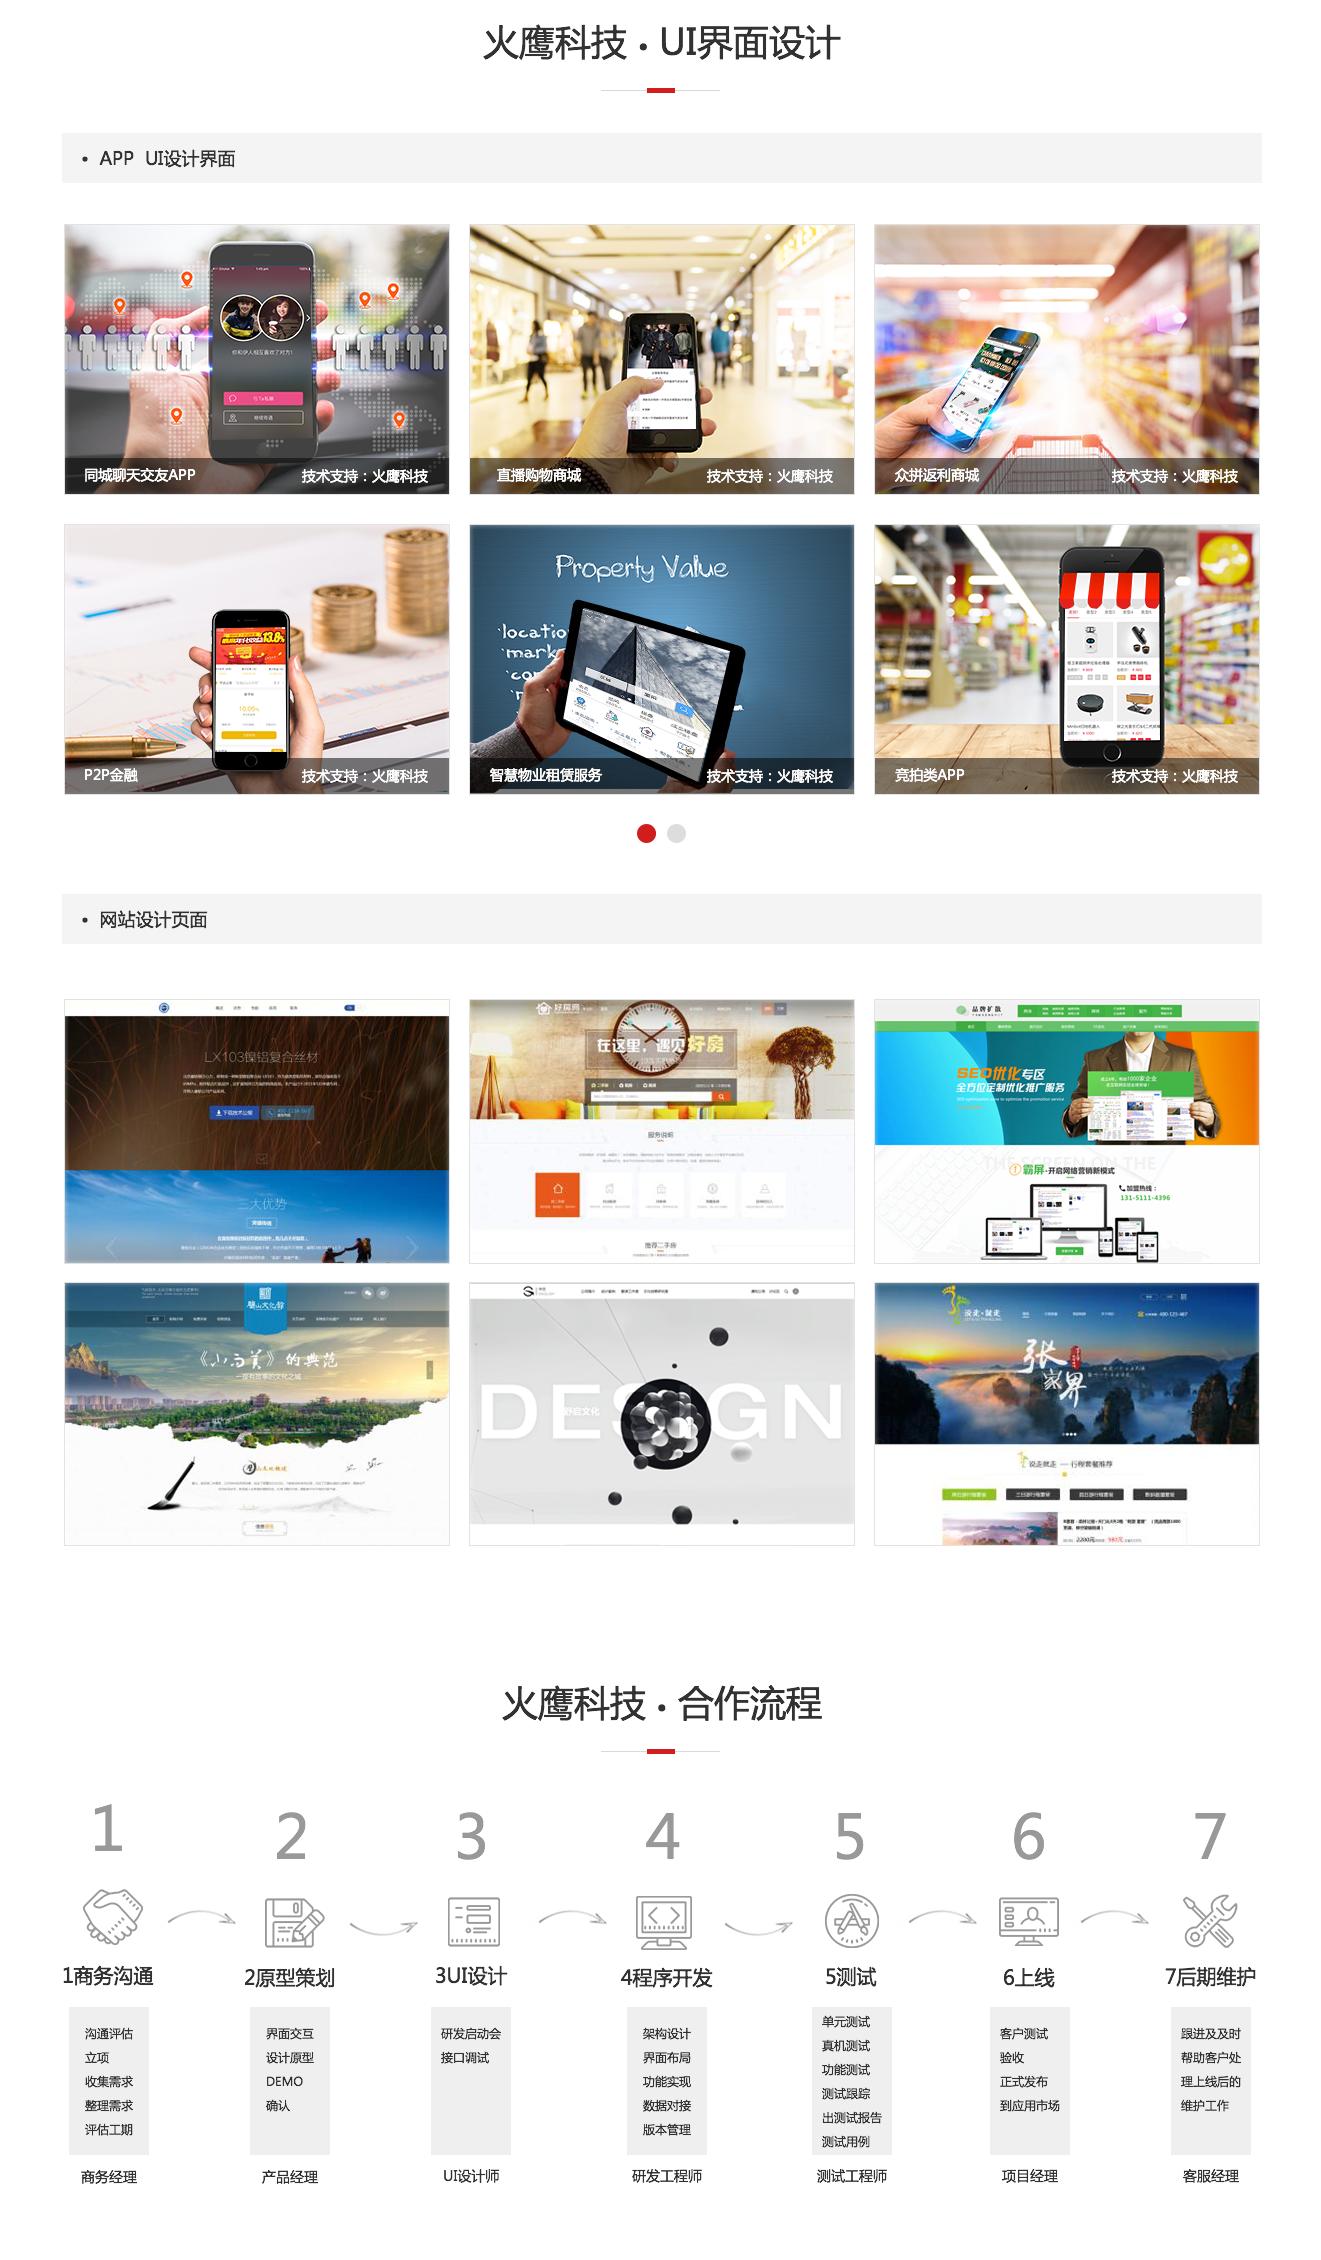 _APP开发汽车资讯 汽车后市场租车 二手车 驾考app开发4